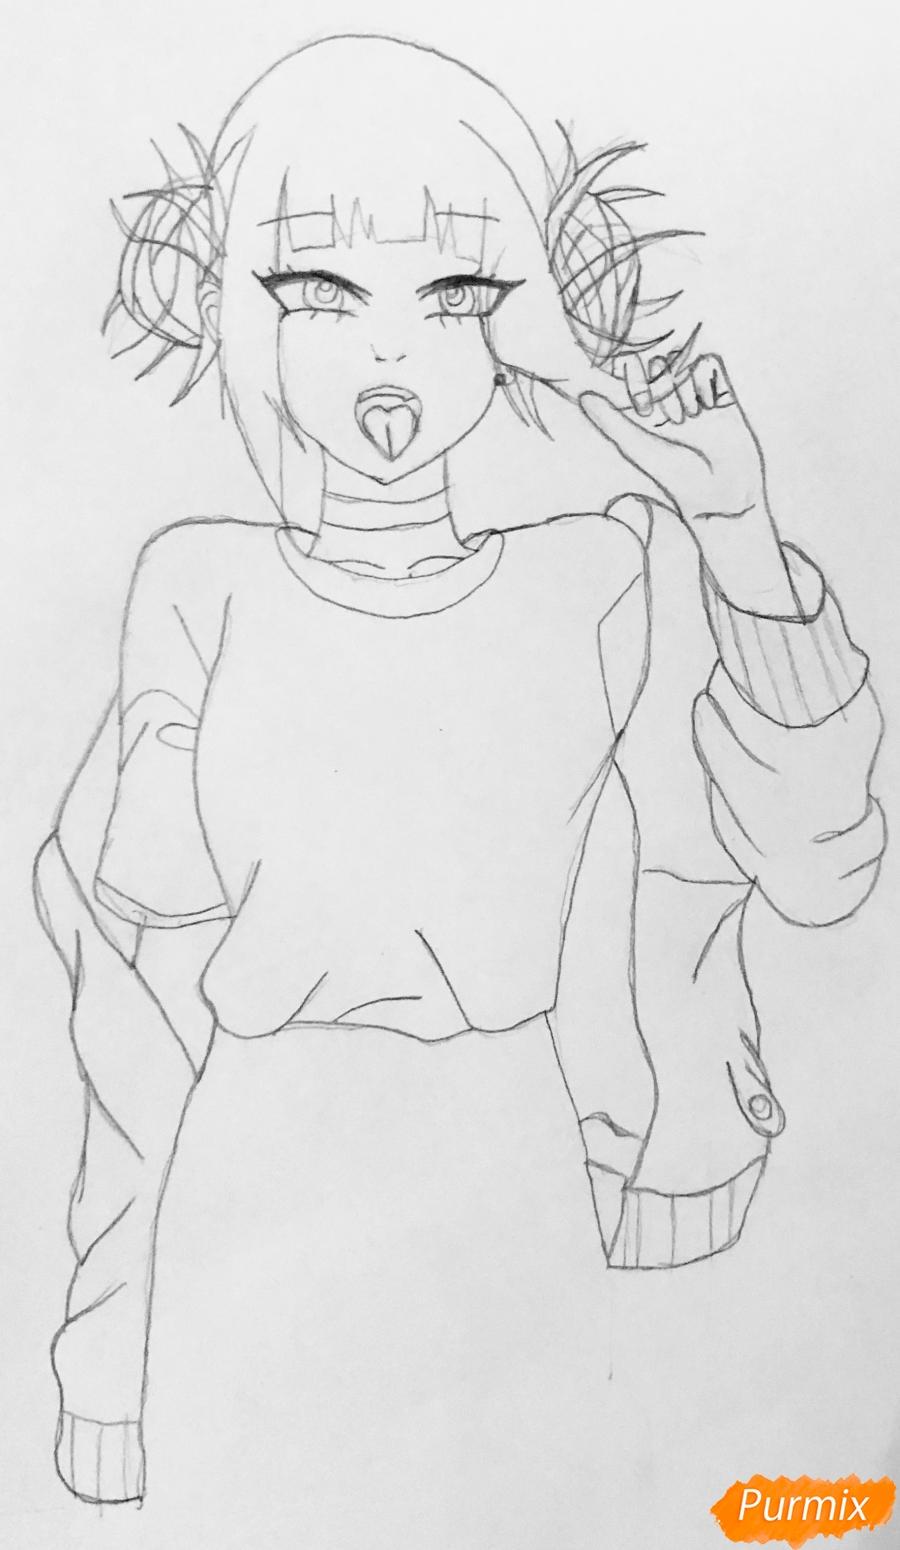 Рисуем Тогу Химико из аниме Моя Геройская Академия - шаг 3